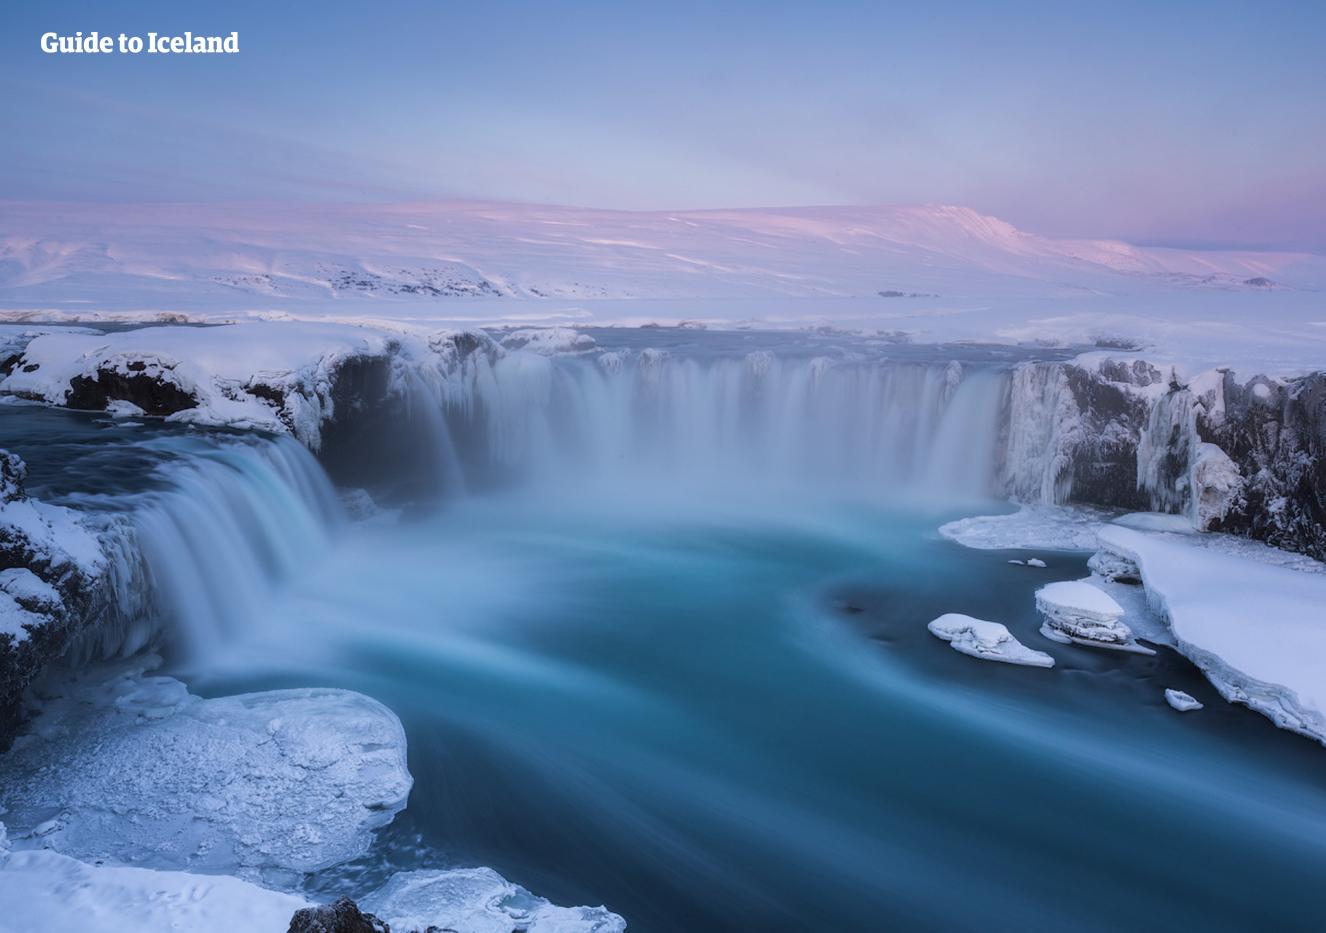 ทางตอนเหนือของไอซ์แลนด์ น้ำตกโกดาฟอสส์ใต้แสงสีชมพูอ่อนจากพระอาทิตย์ในหน้าหนาวไหลลงสู่พื้นที่ด้านล่างที่ปกคลุมไปด้วยหิมะ หลังจากต่อสู้อย่างหนักไม่ให้น้ำกลายเป็นน้ำแข็ง